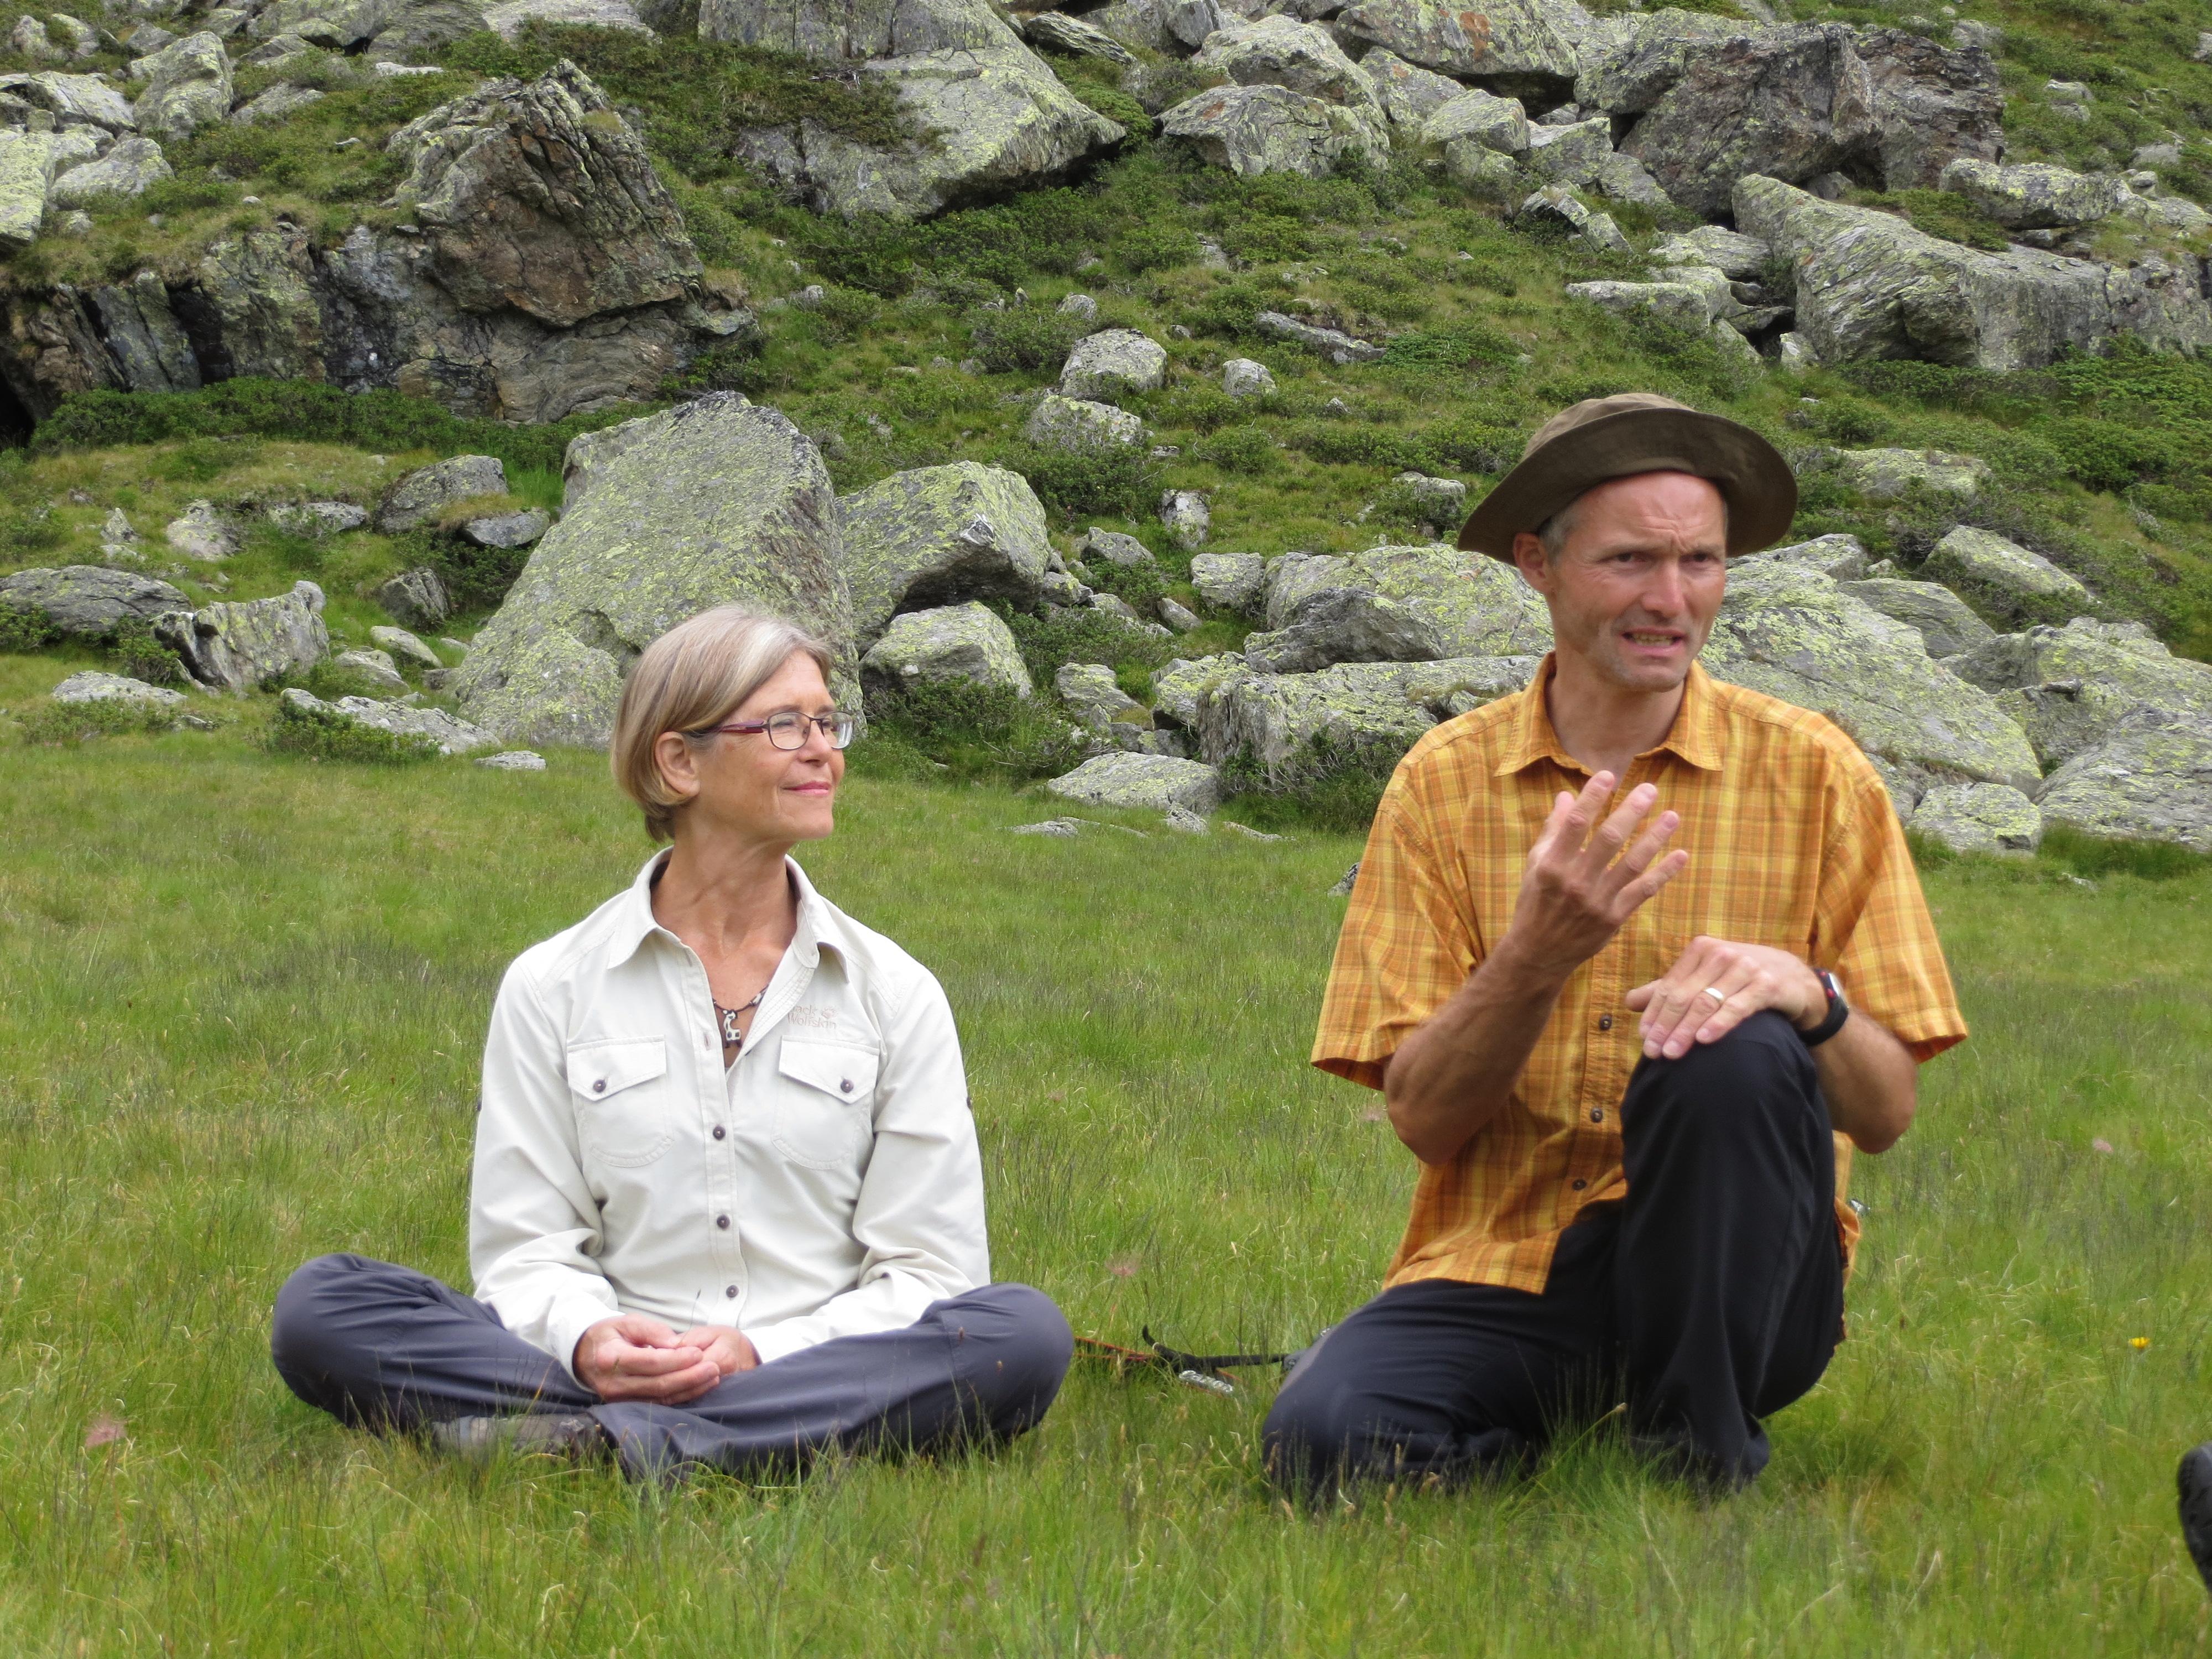 Naturretreat - Gewaltfreie Kommunikation und Achtsamkeit im Einklang mit der Natur im Nationalpark Hohe Tauern mit Ralf Clar und Heike Wintz @ Lienzer Hütte, Osttirol | Tirol | Österreich